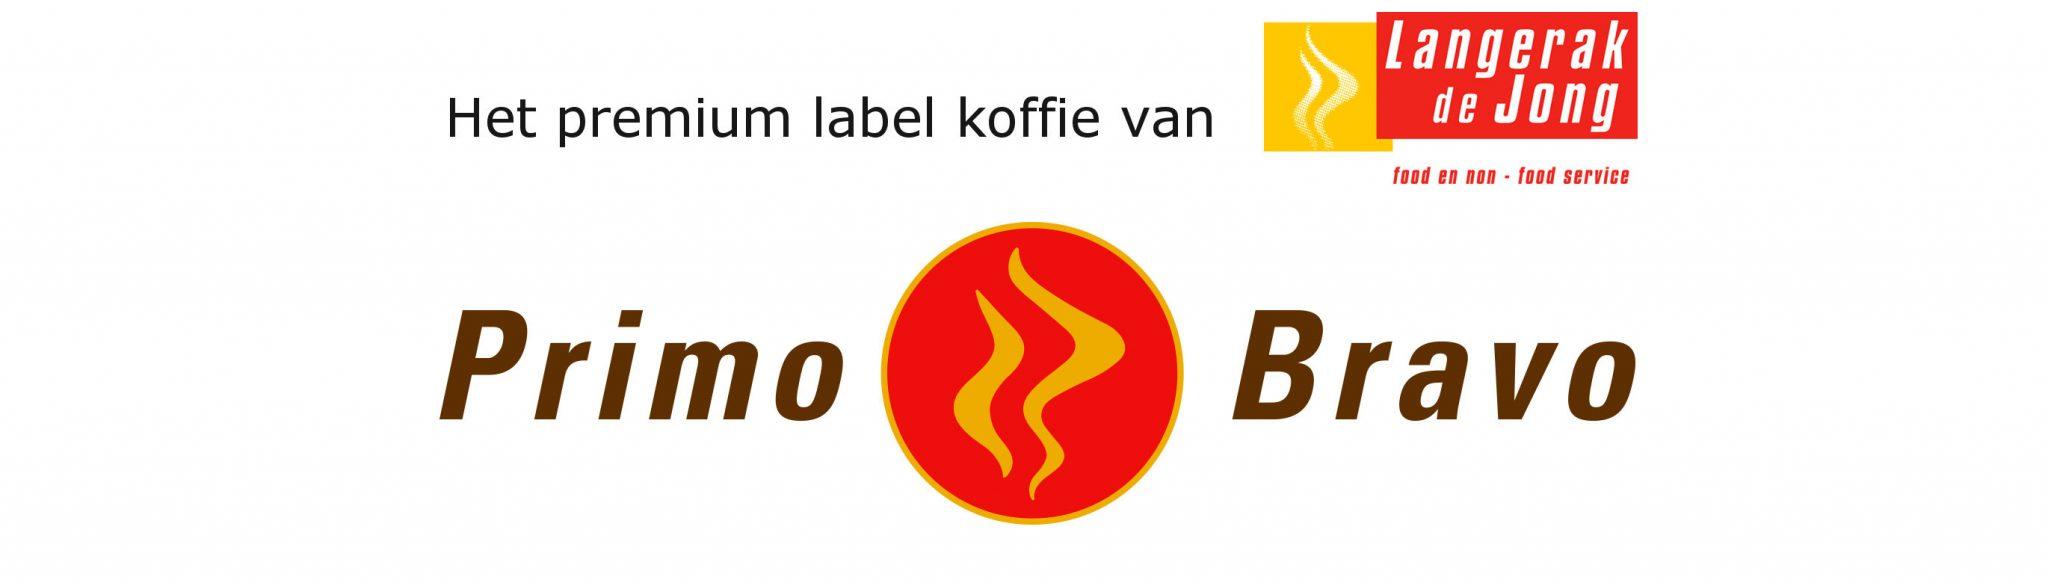 Primo Bravo, het premium label koffie van Langerak de Jong